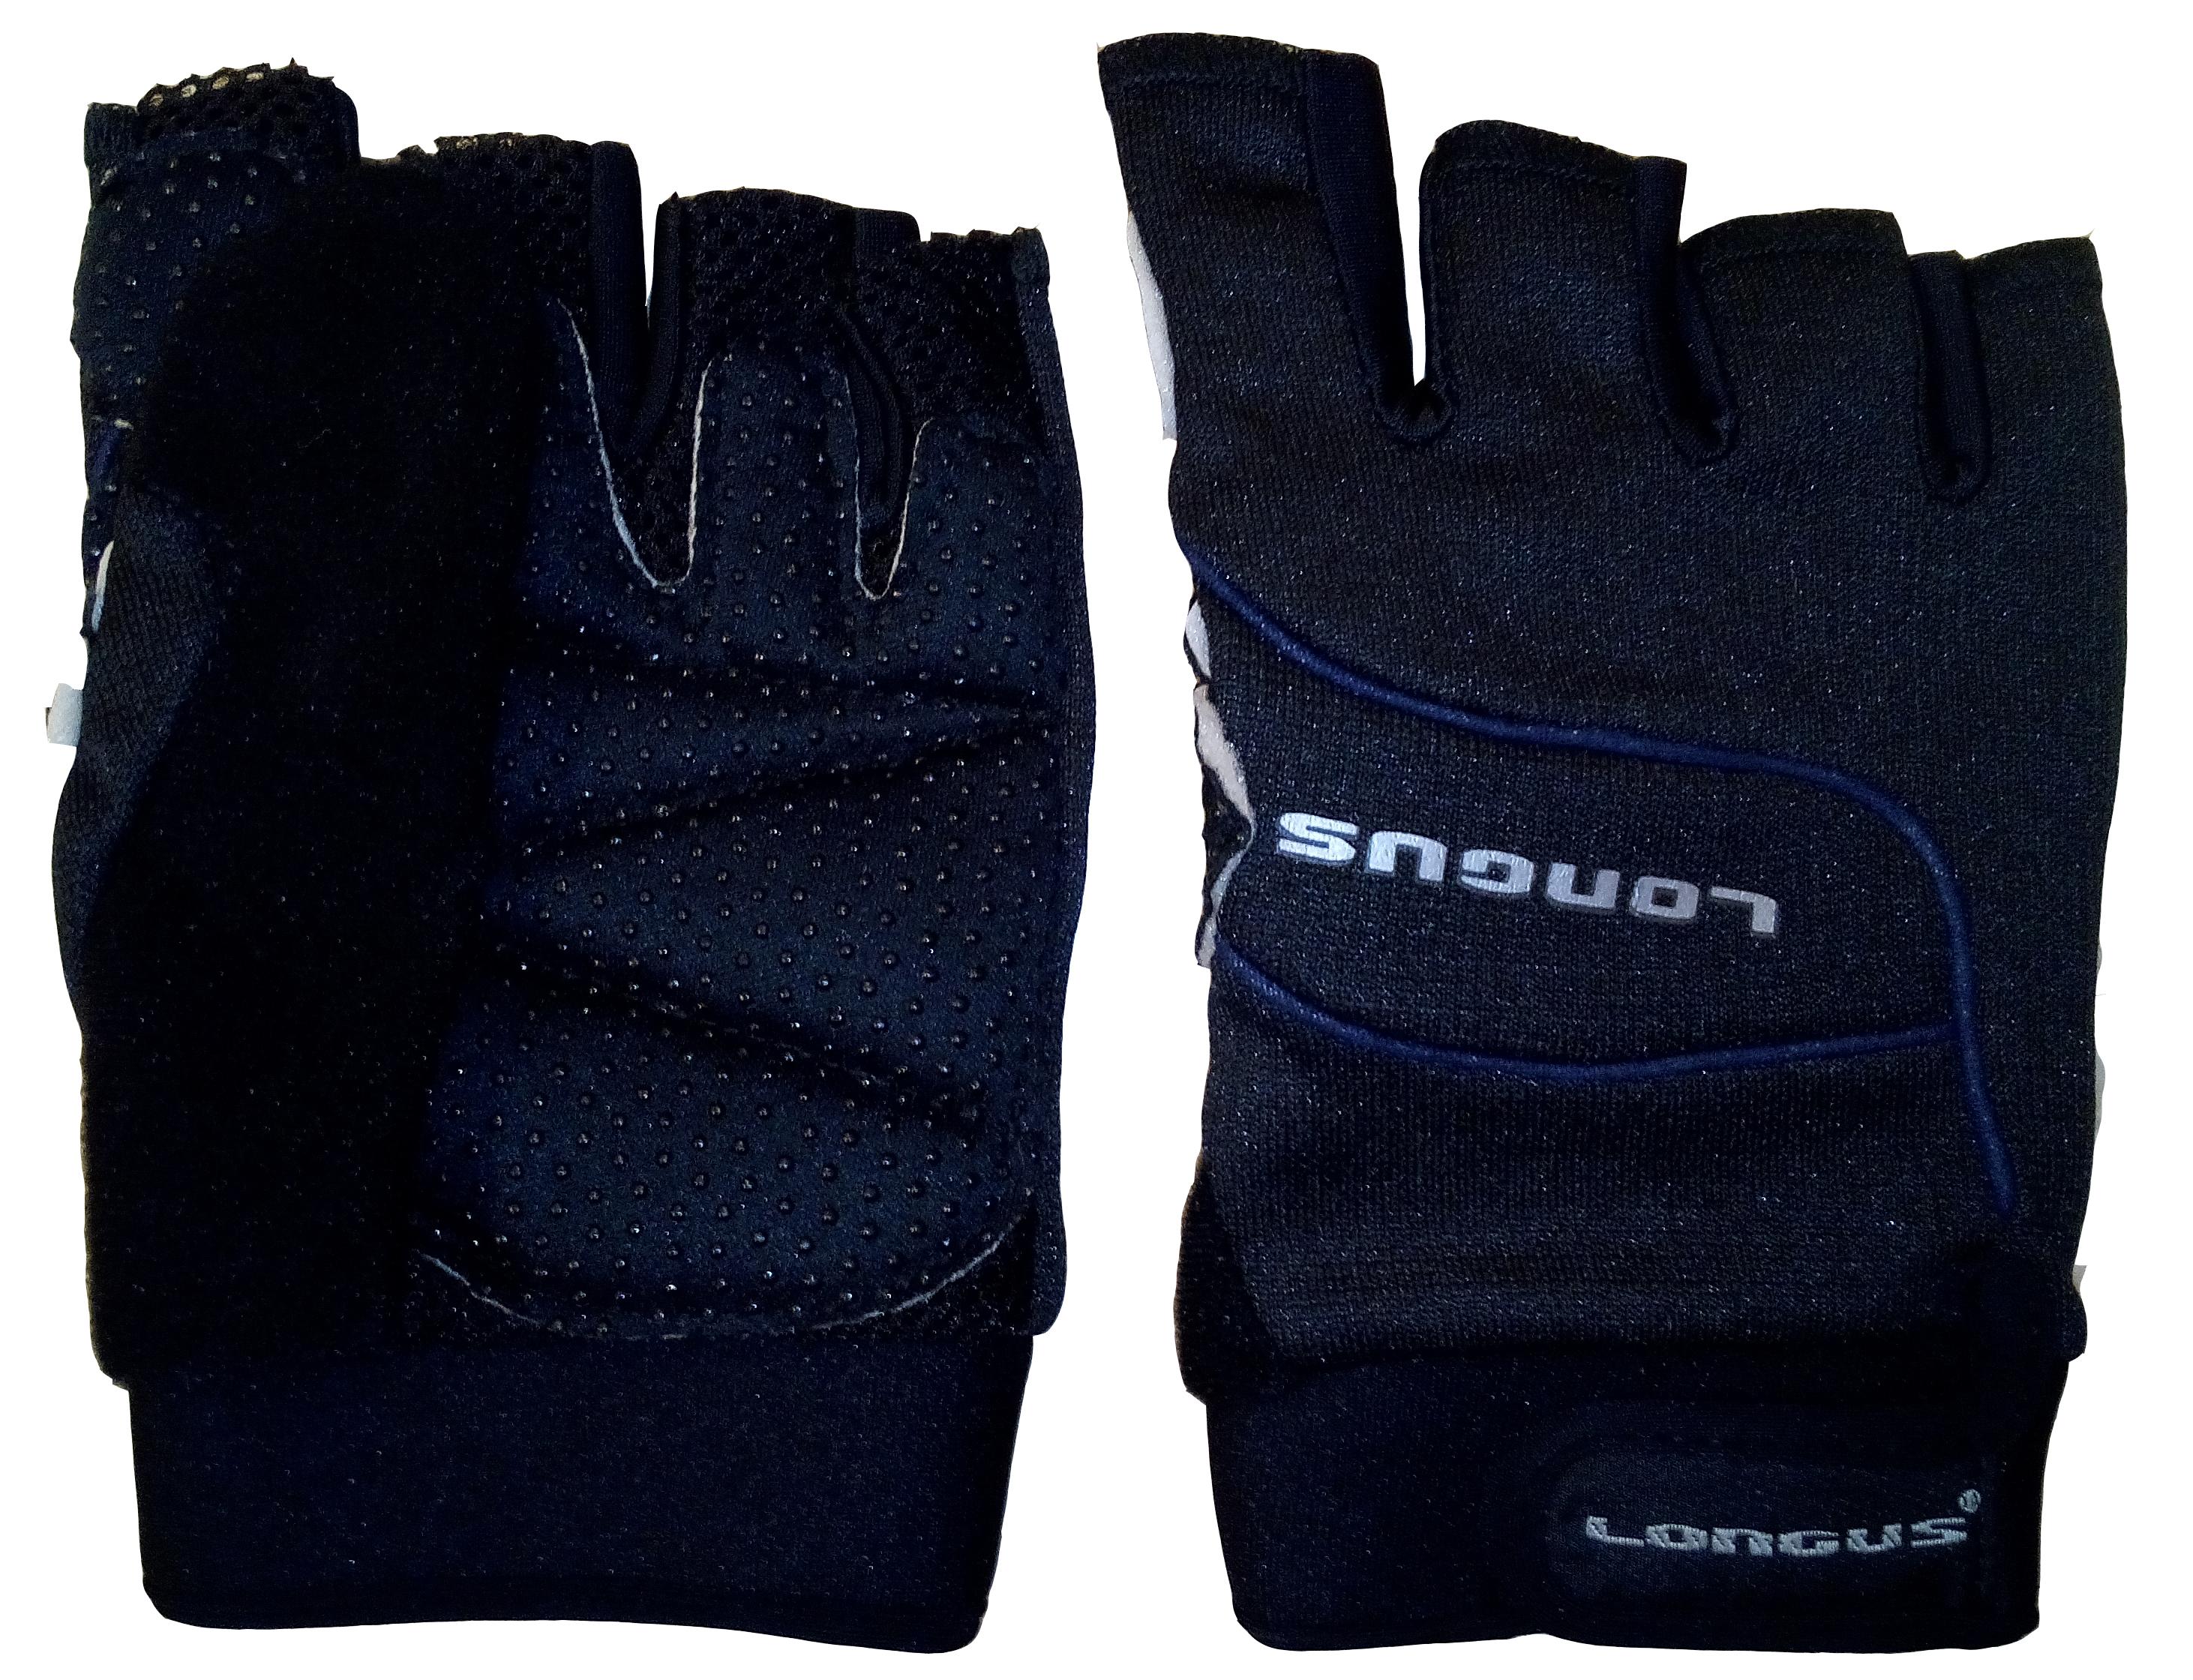 LONGUS rukavice MTB, černé, L